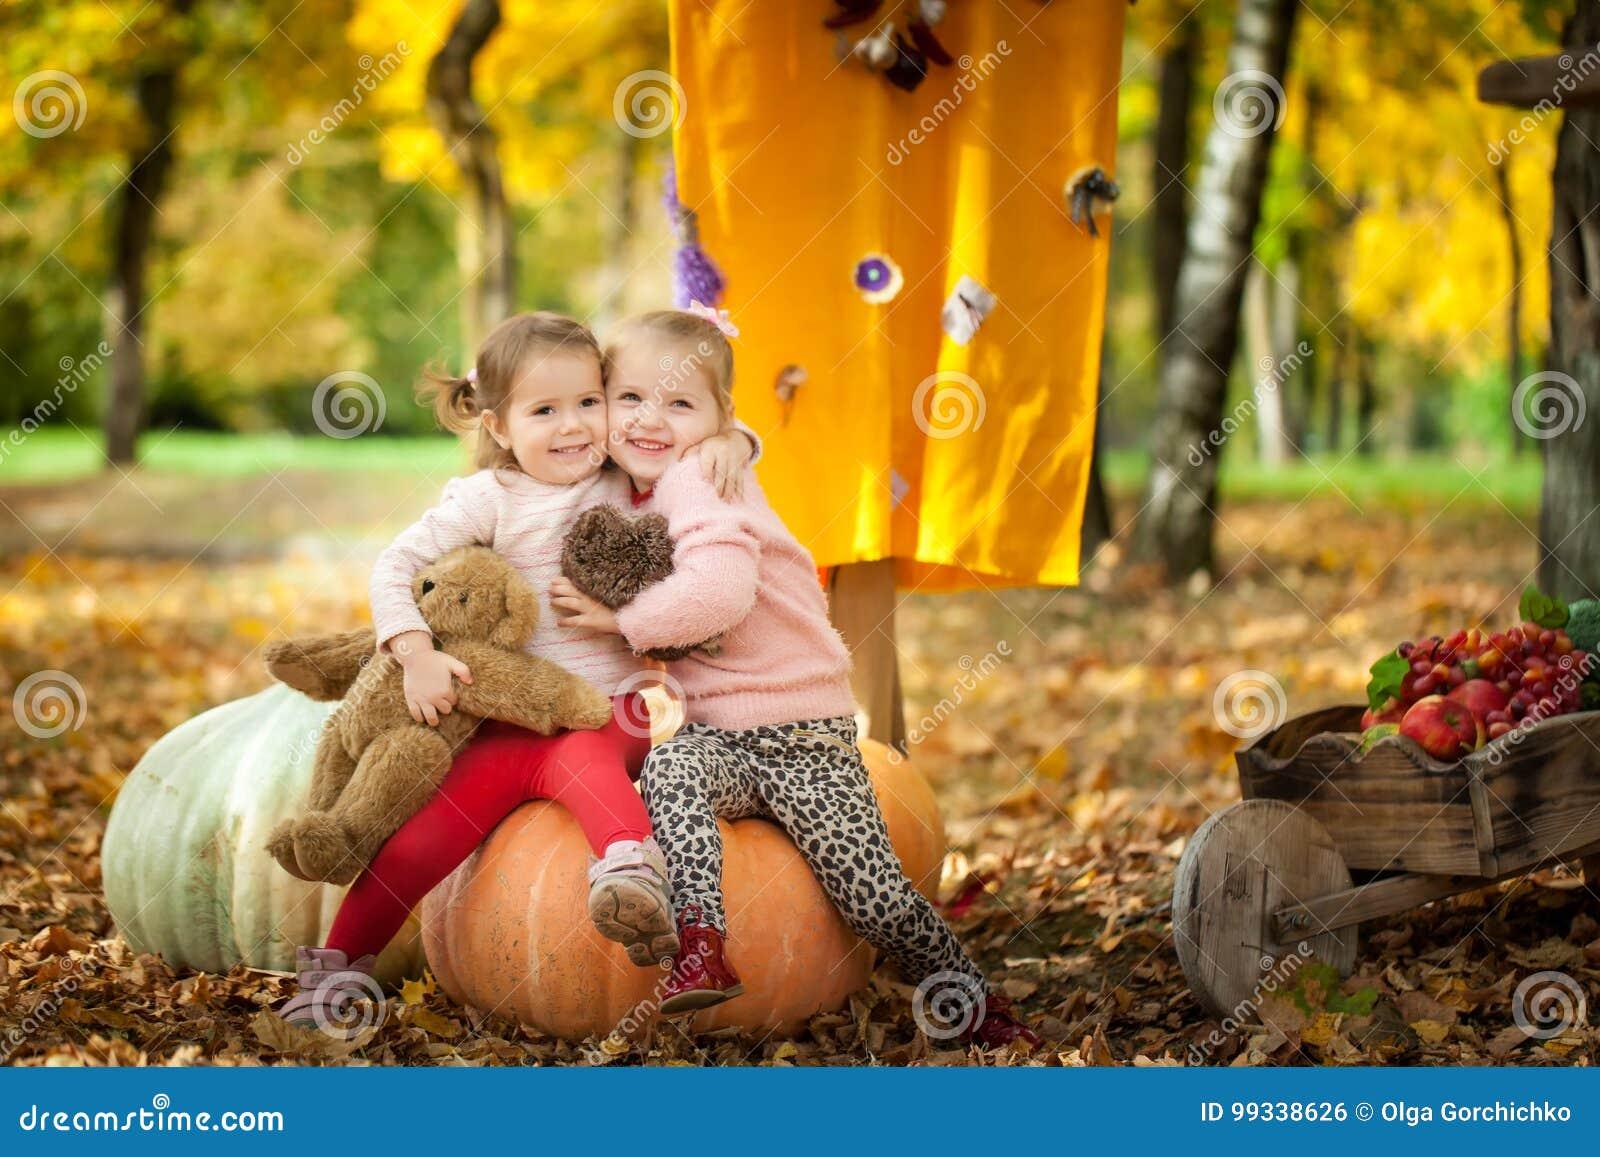 Muchachas sonrientes en el parque del otoño